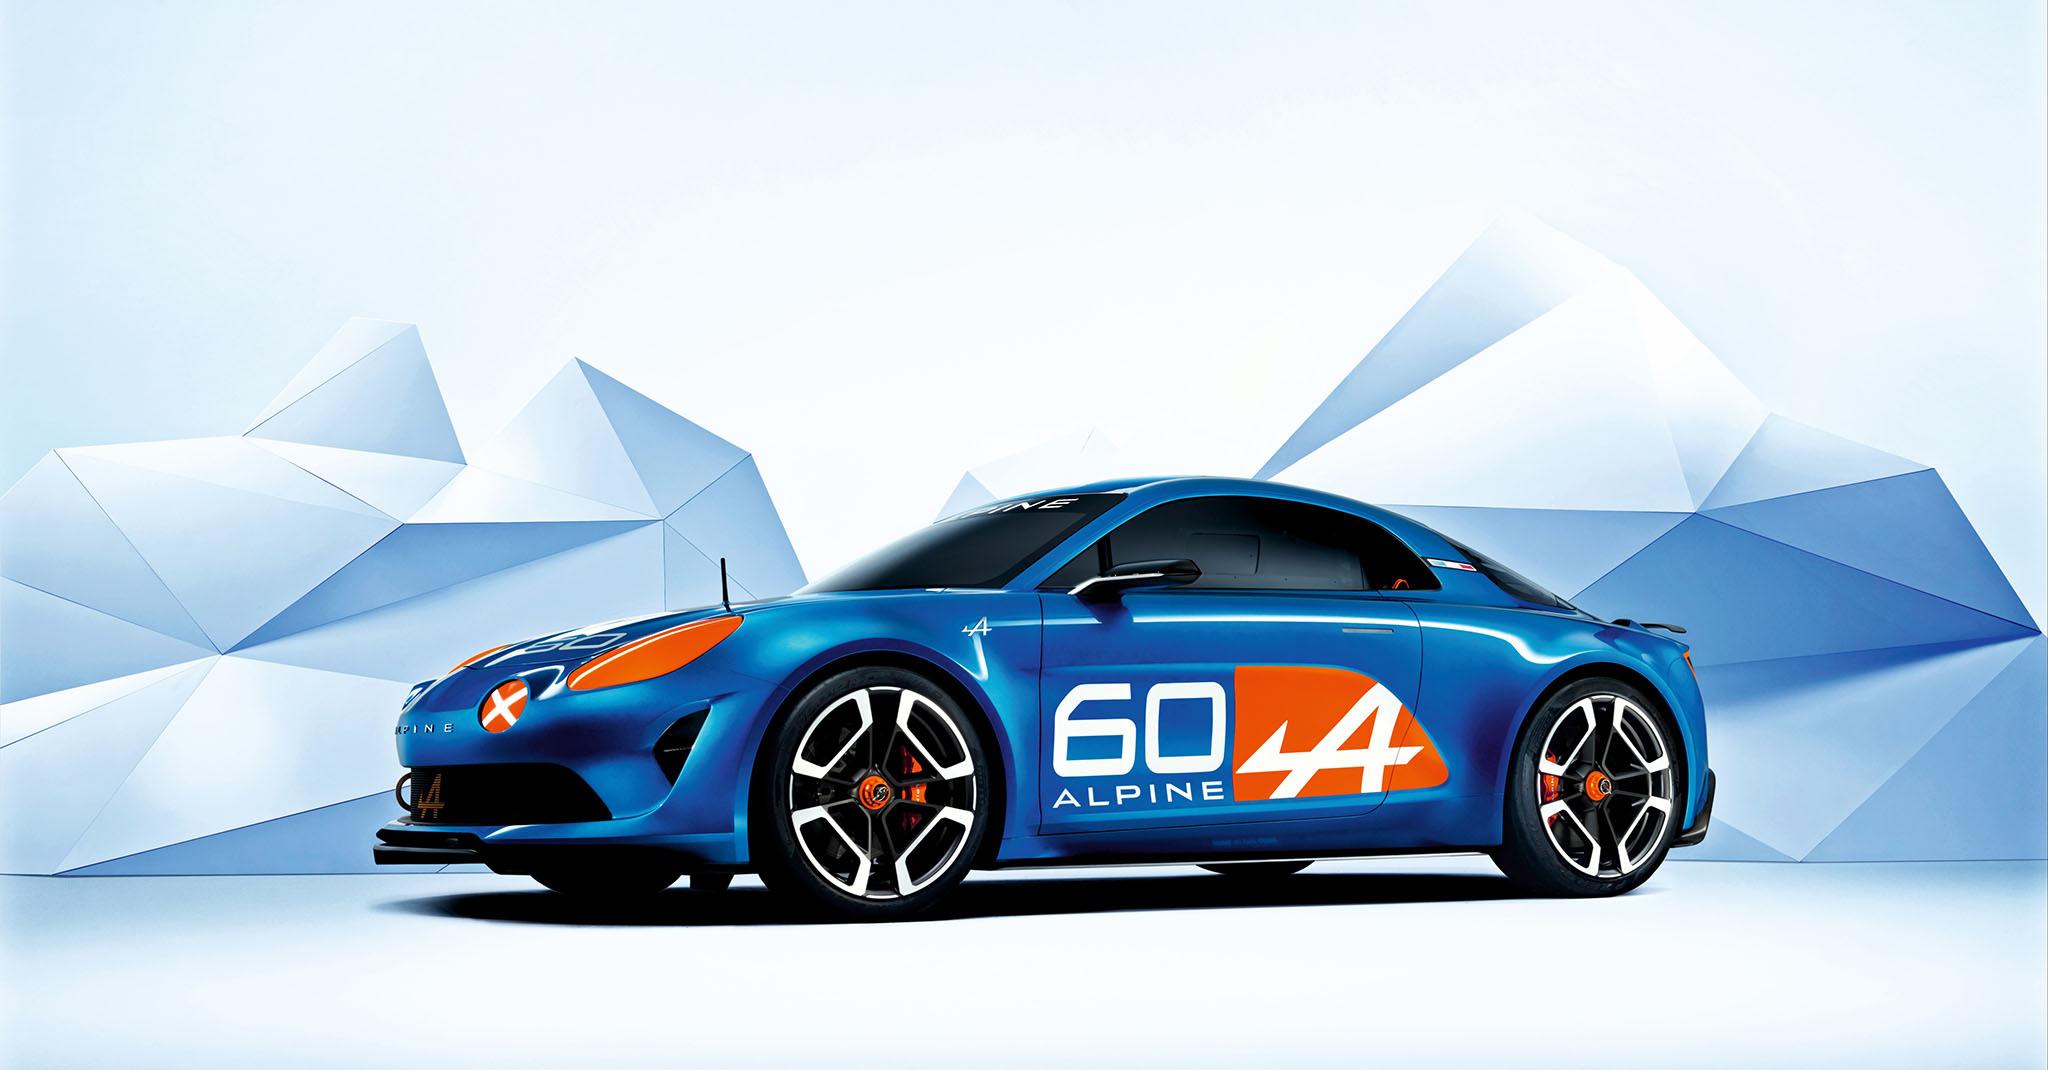 Alpine60 01